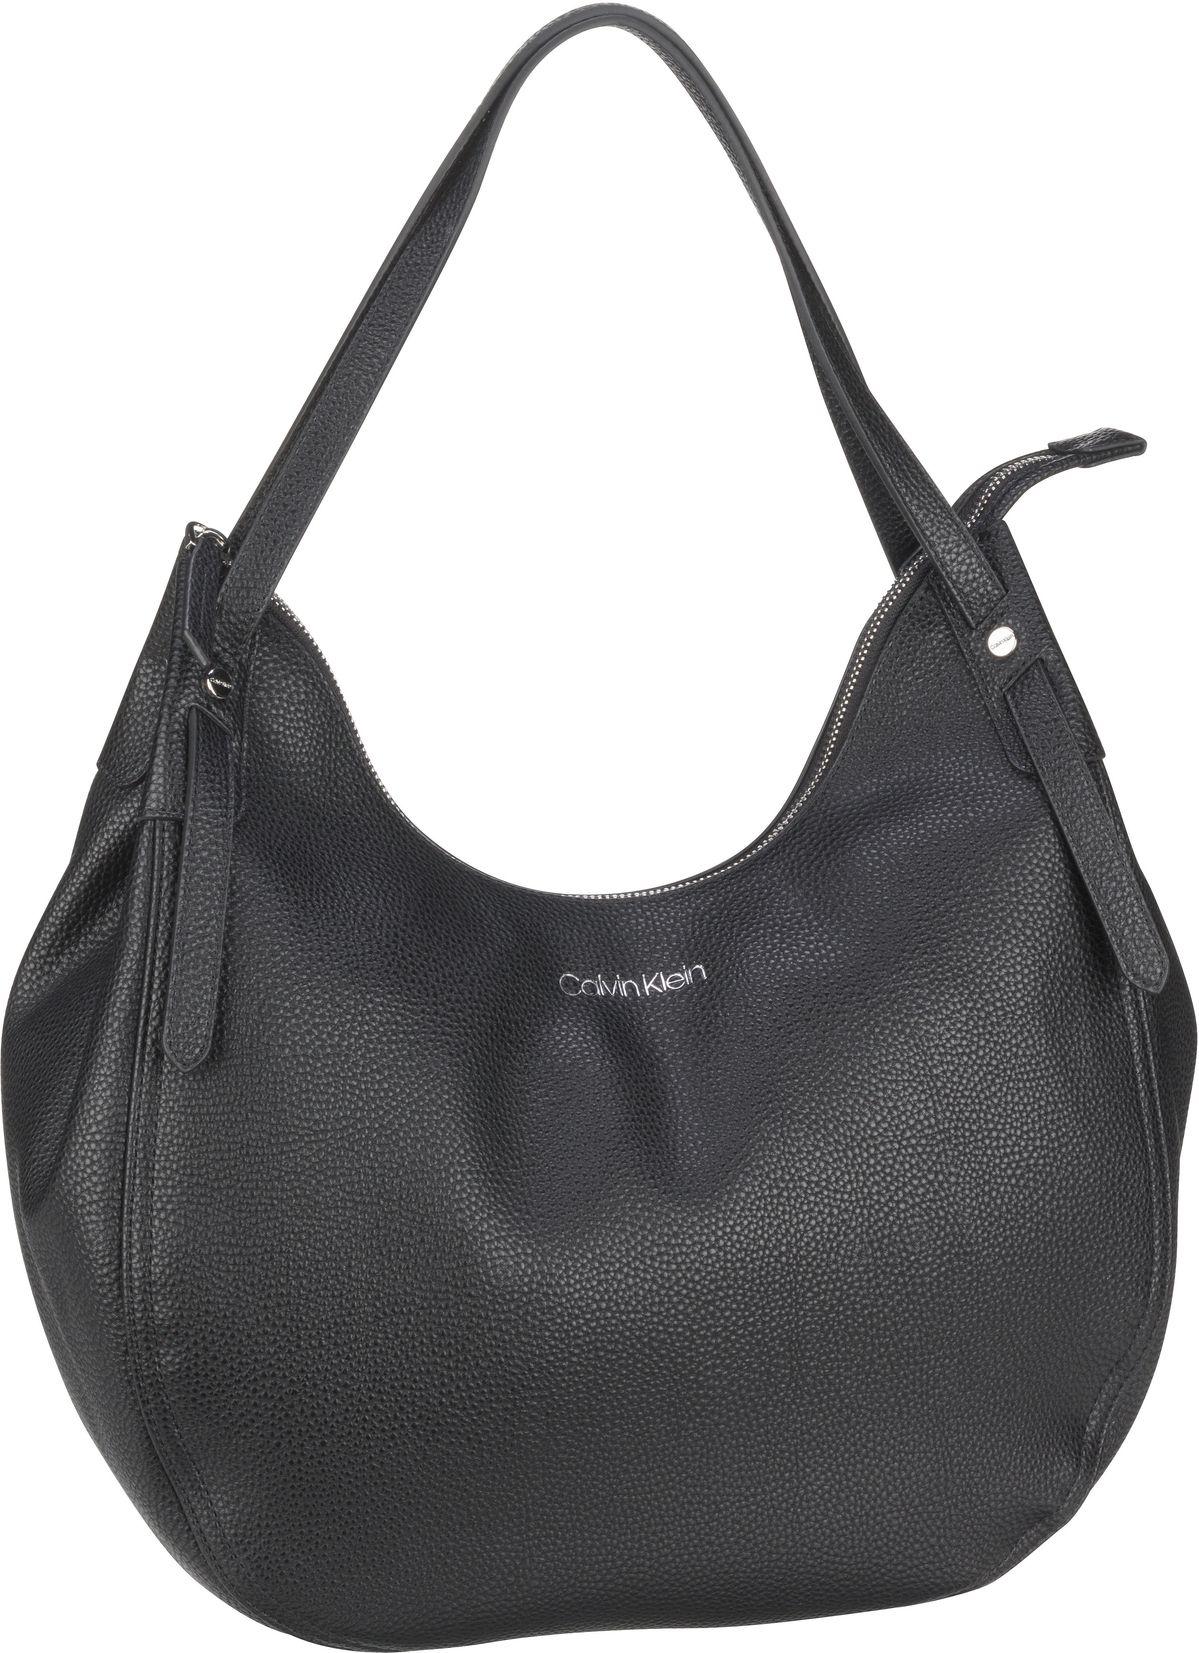 Handtasche CK Everyday Hobo MD PF20 Black